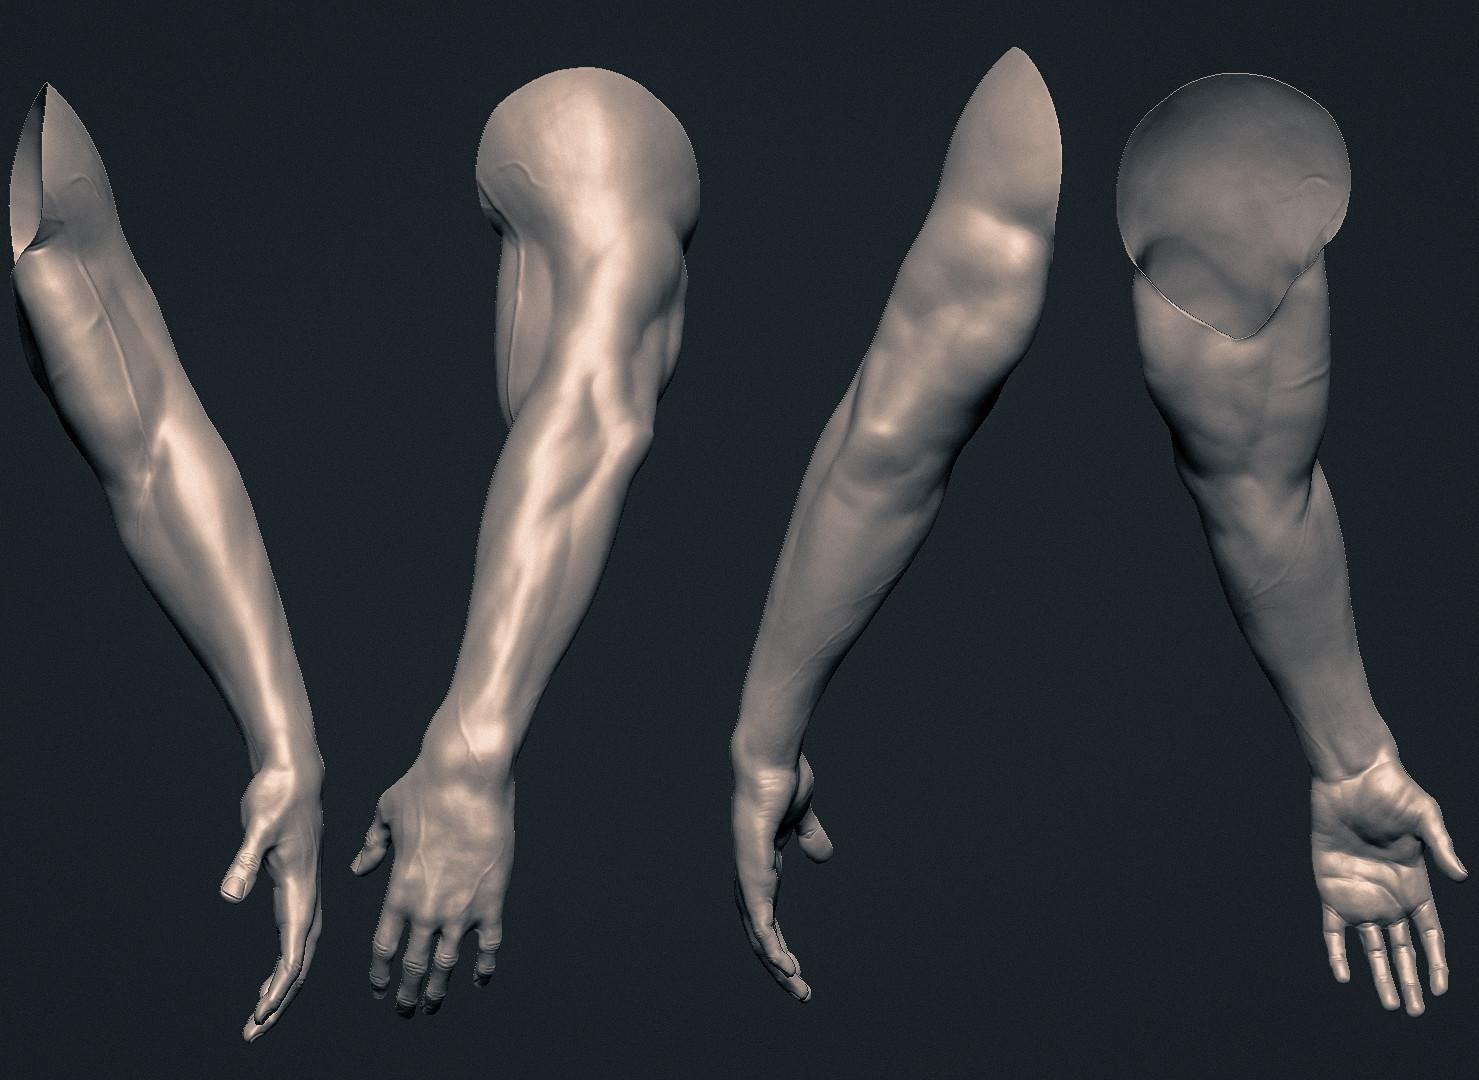 Kiril petrov arms